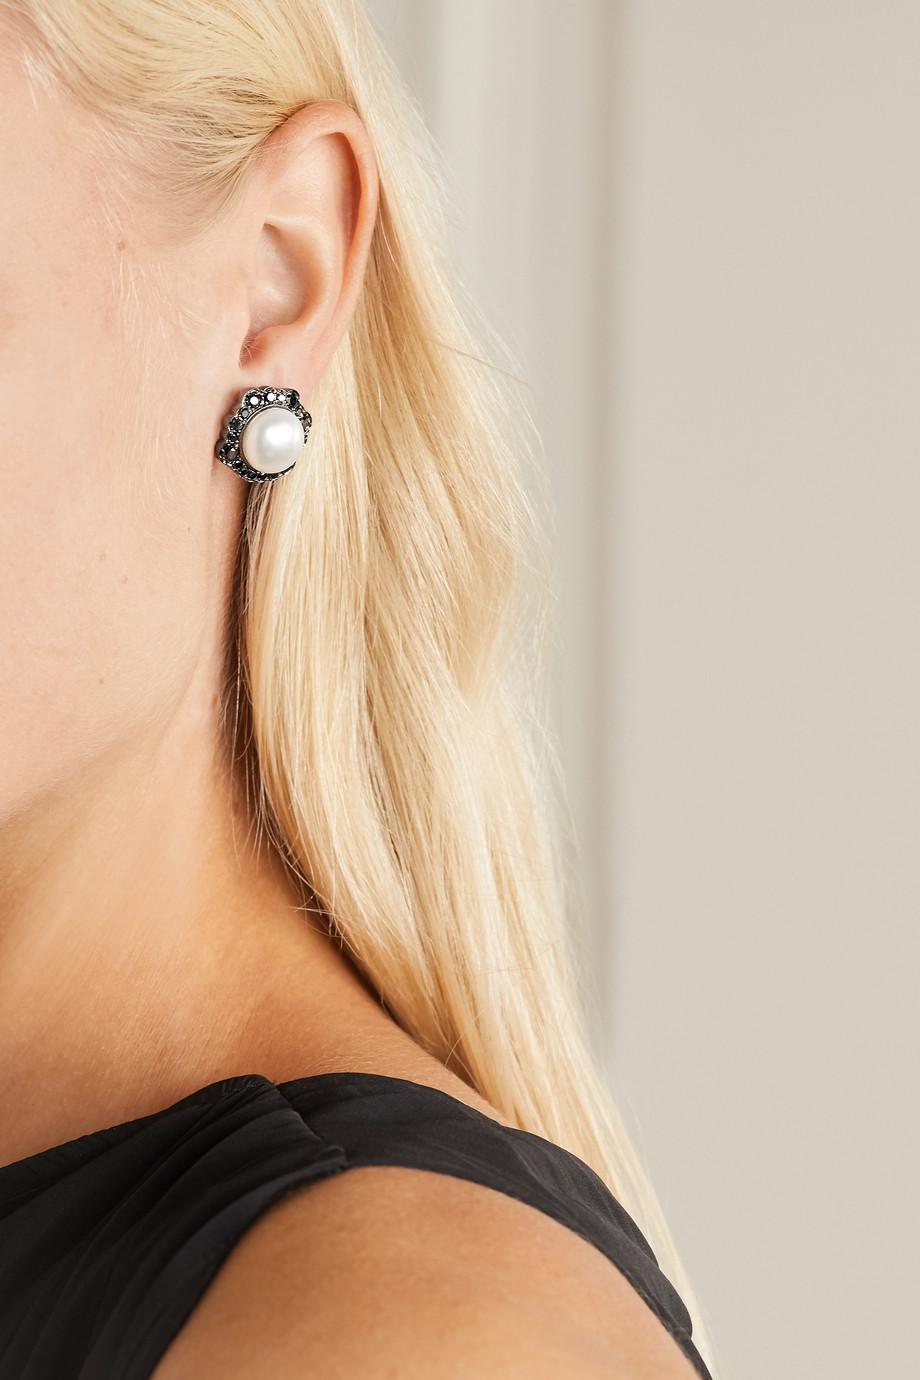 Kimberly McDonald Ohrringe aus geschwärztem 18 Karat Weißgold mit Perlen und Diamanten